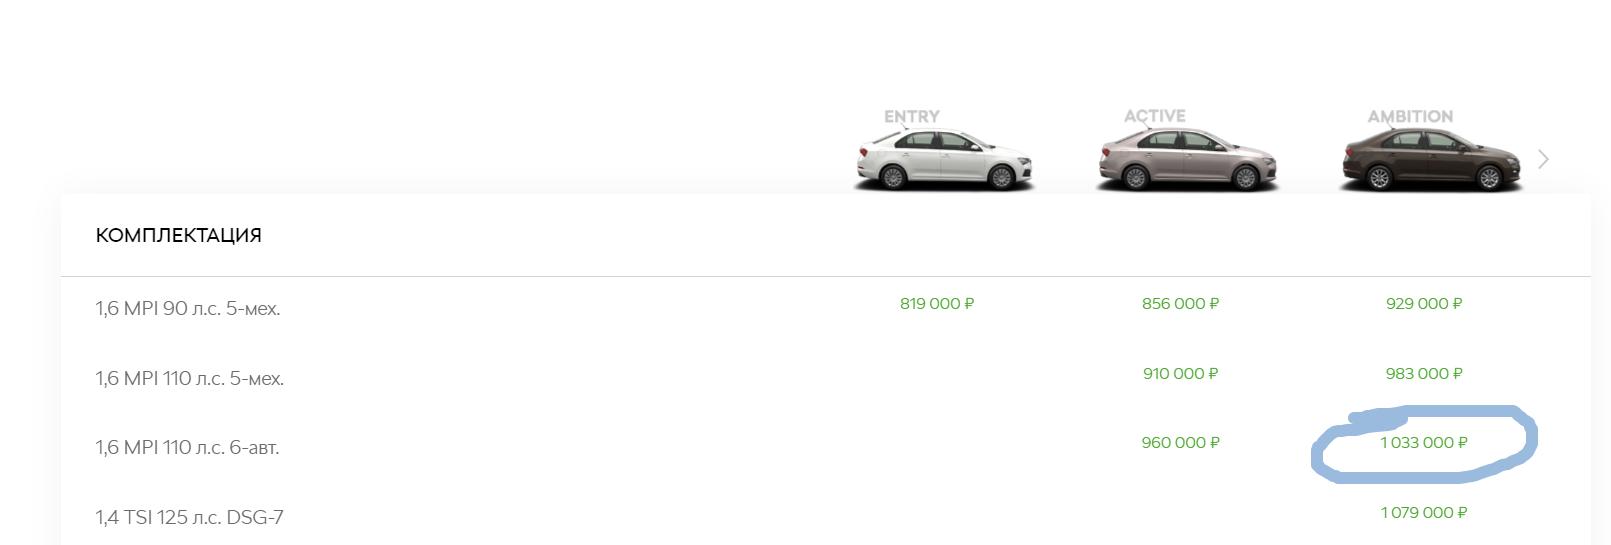 Ответ на пост «Автосалон известной компании отказался продавать нам авто без сигналки и ковриков, впаривая их за 25 тыс рублей»